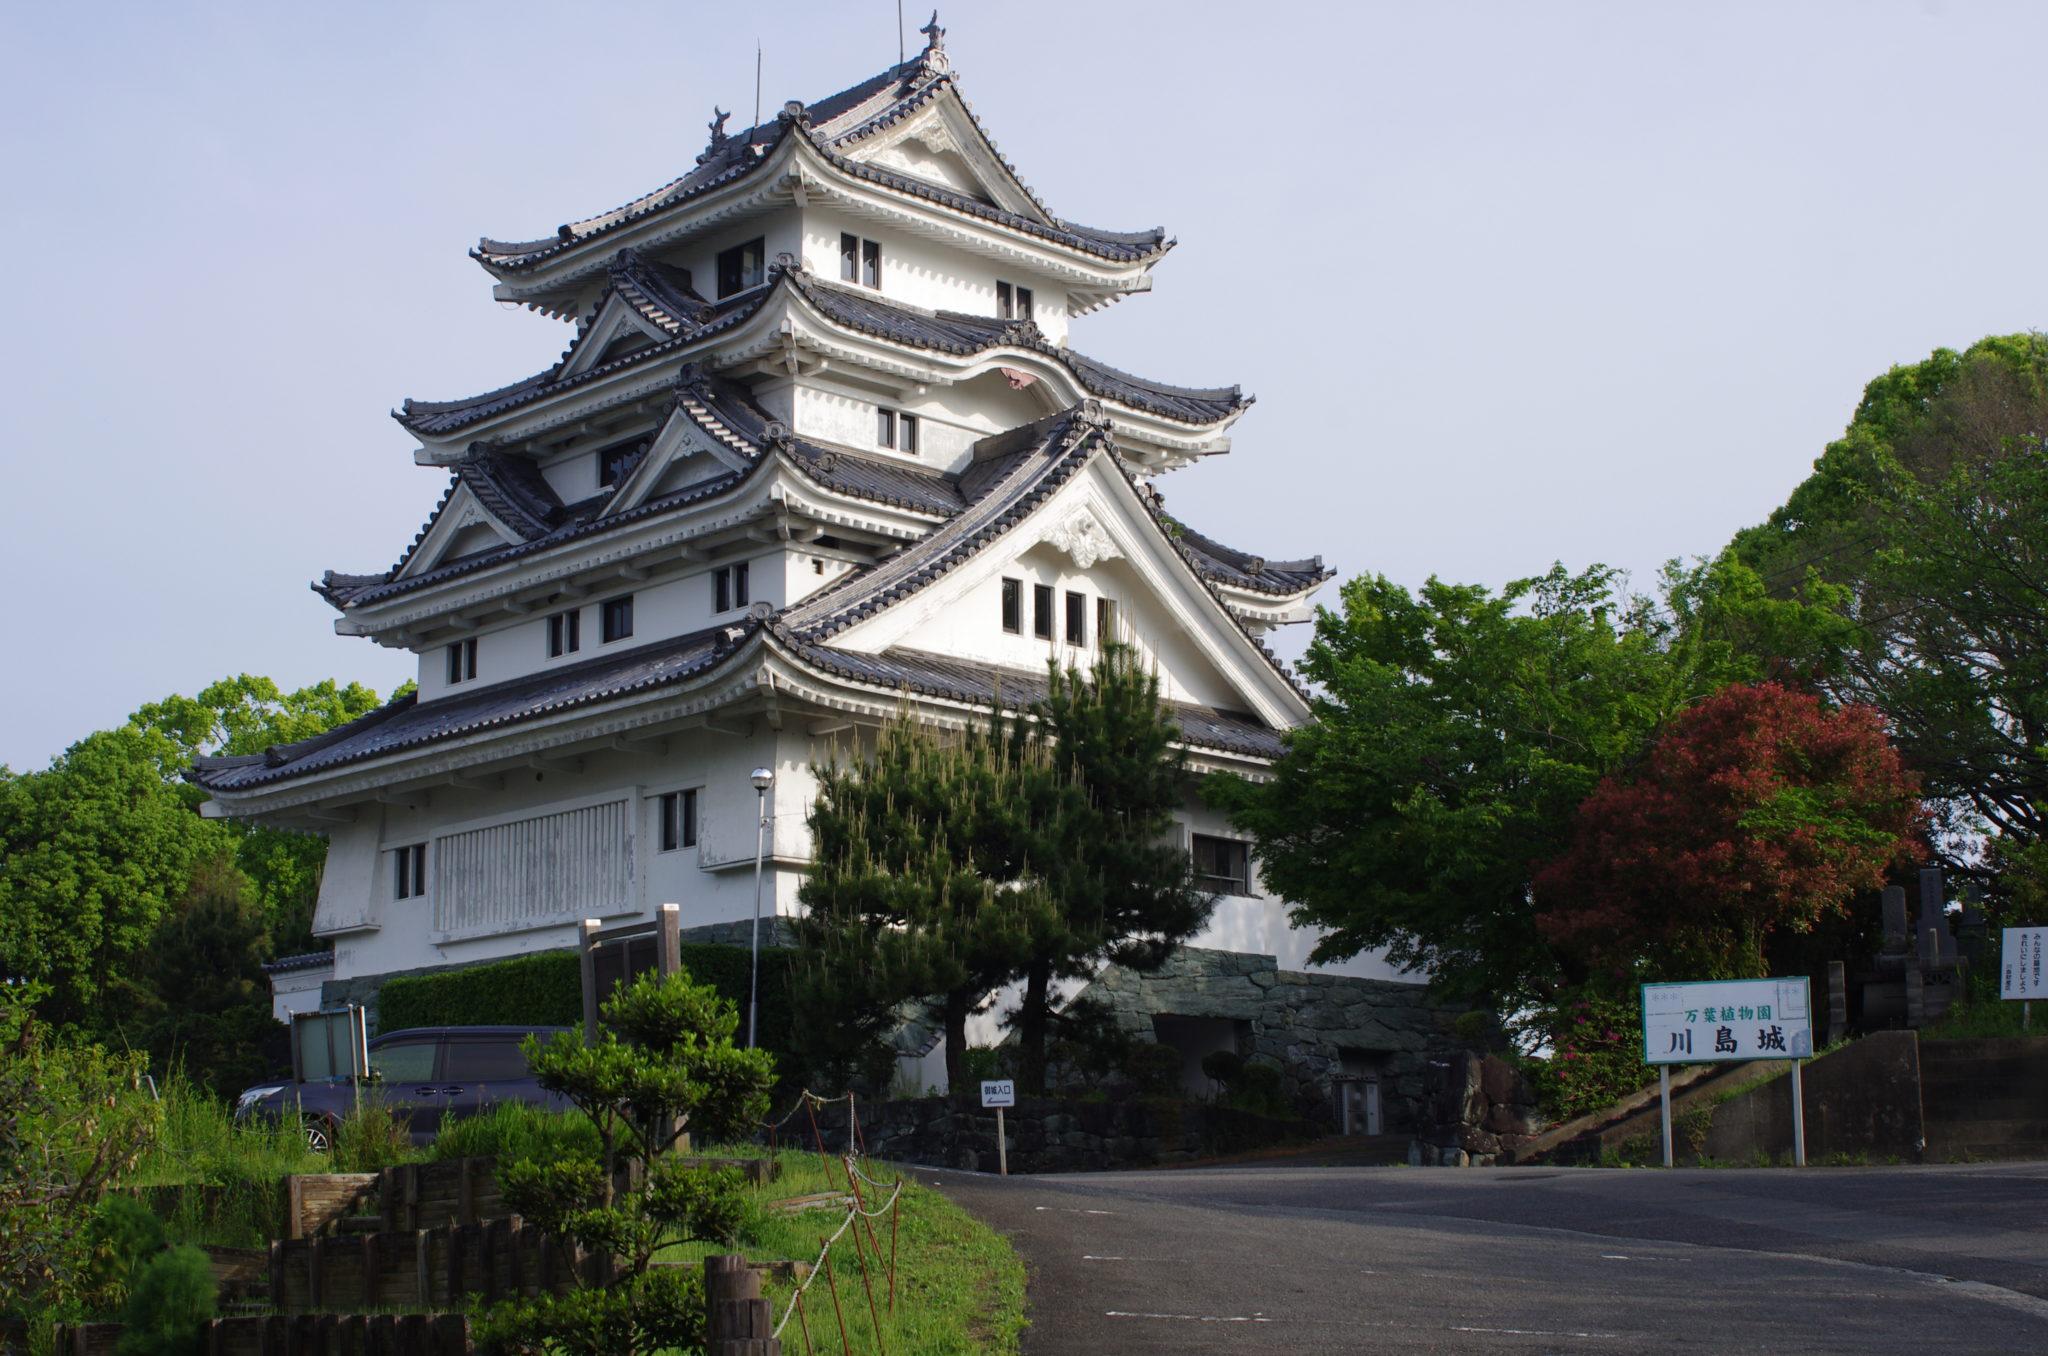 国道を走っていると見えてくるお城は?「川島城」